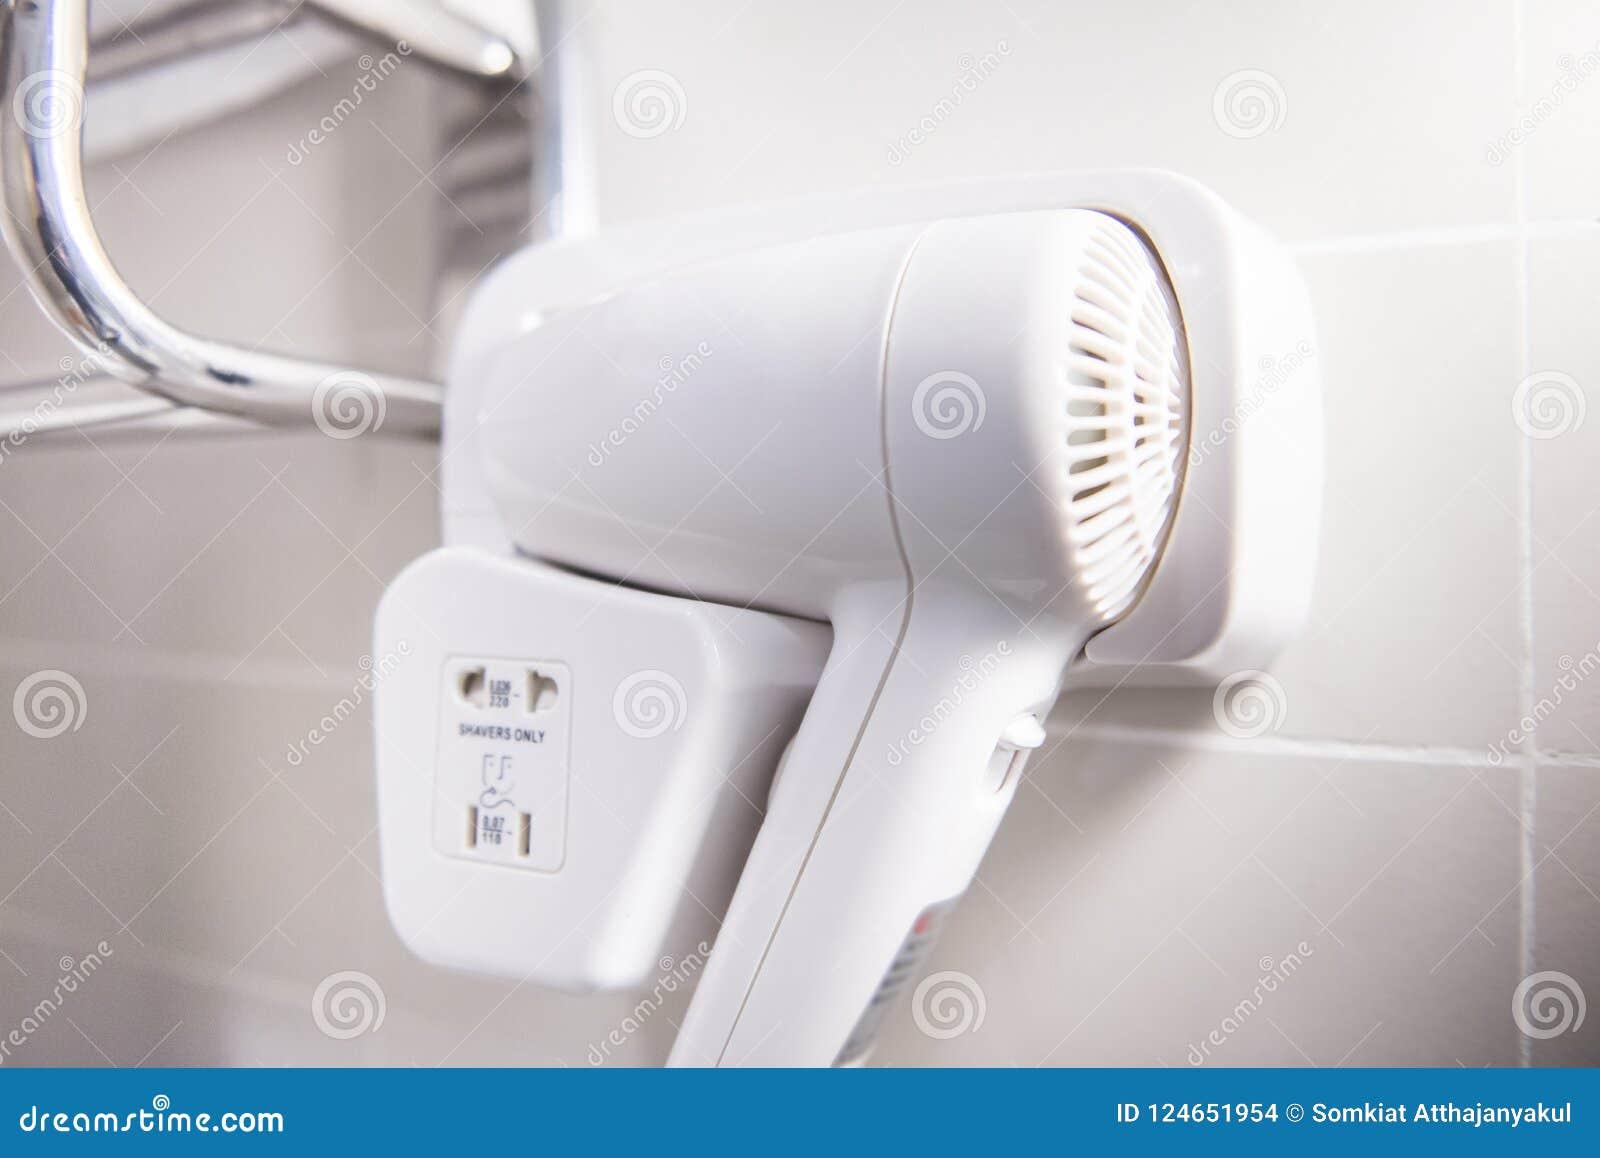 Biały Włosianej Suszarki Obwieszenie Na łazience Zdjęcie